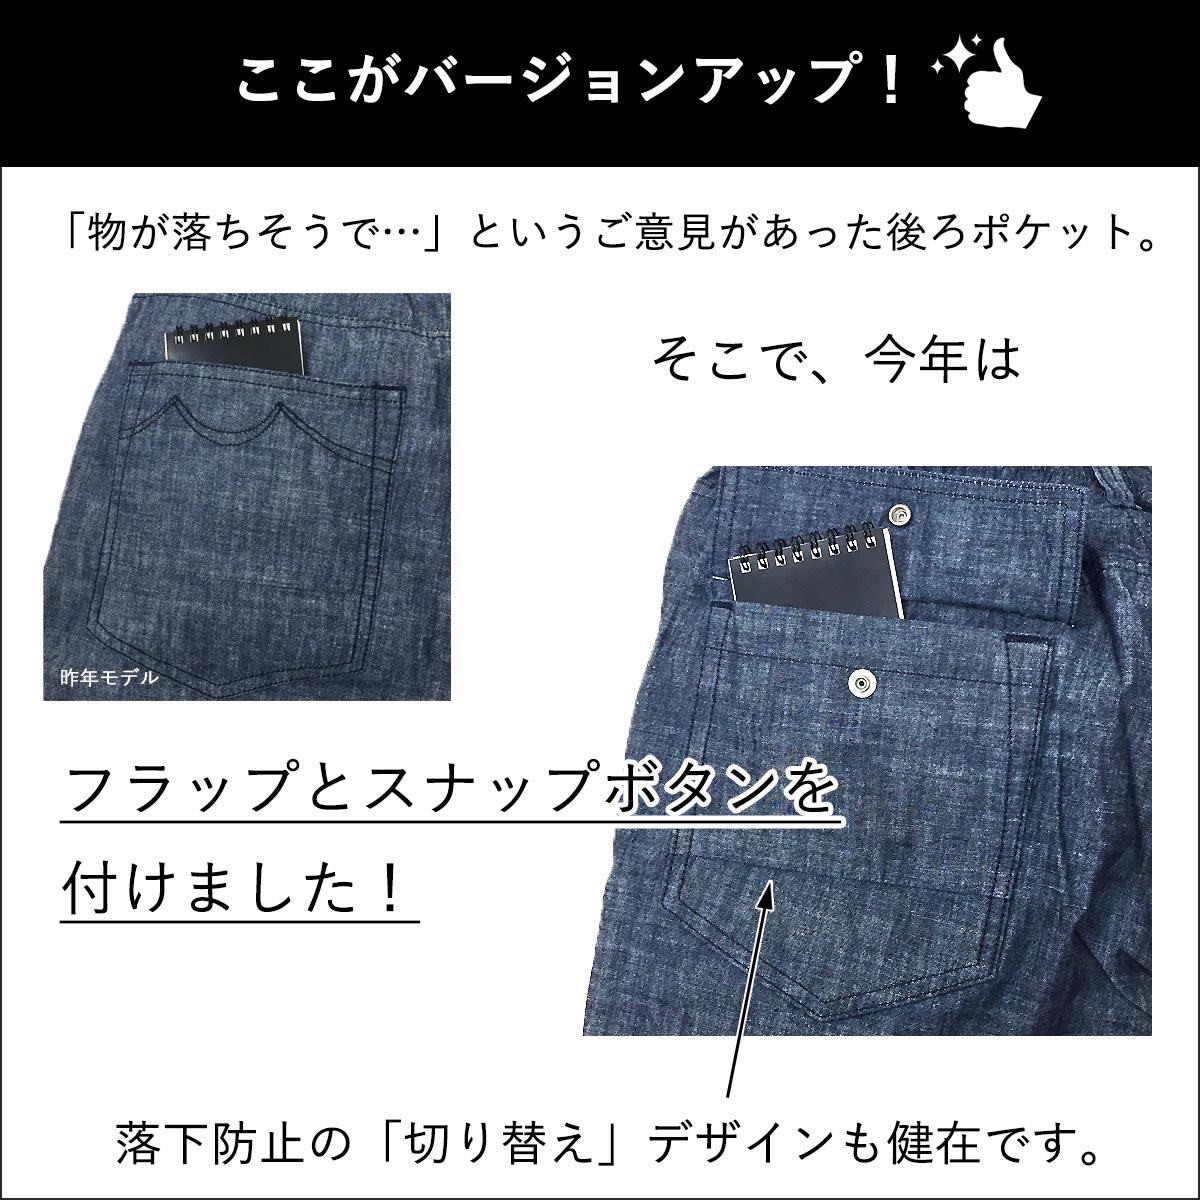 bmc-r78e1-19s00_ラッシュイージー